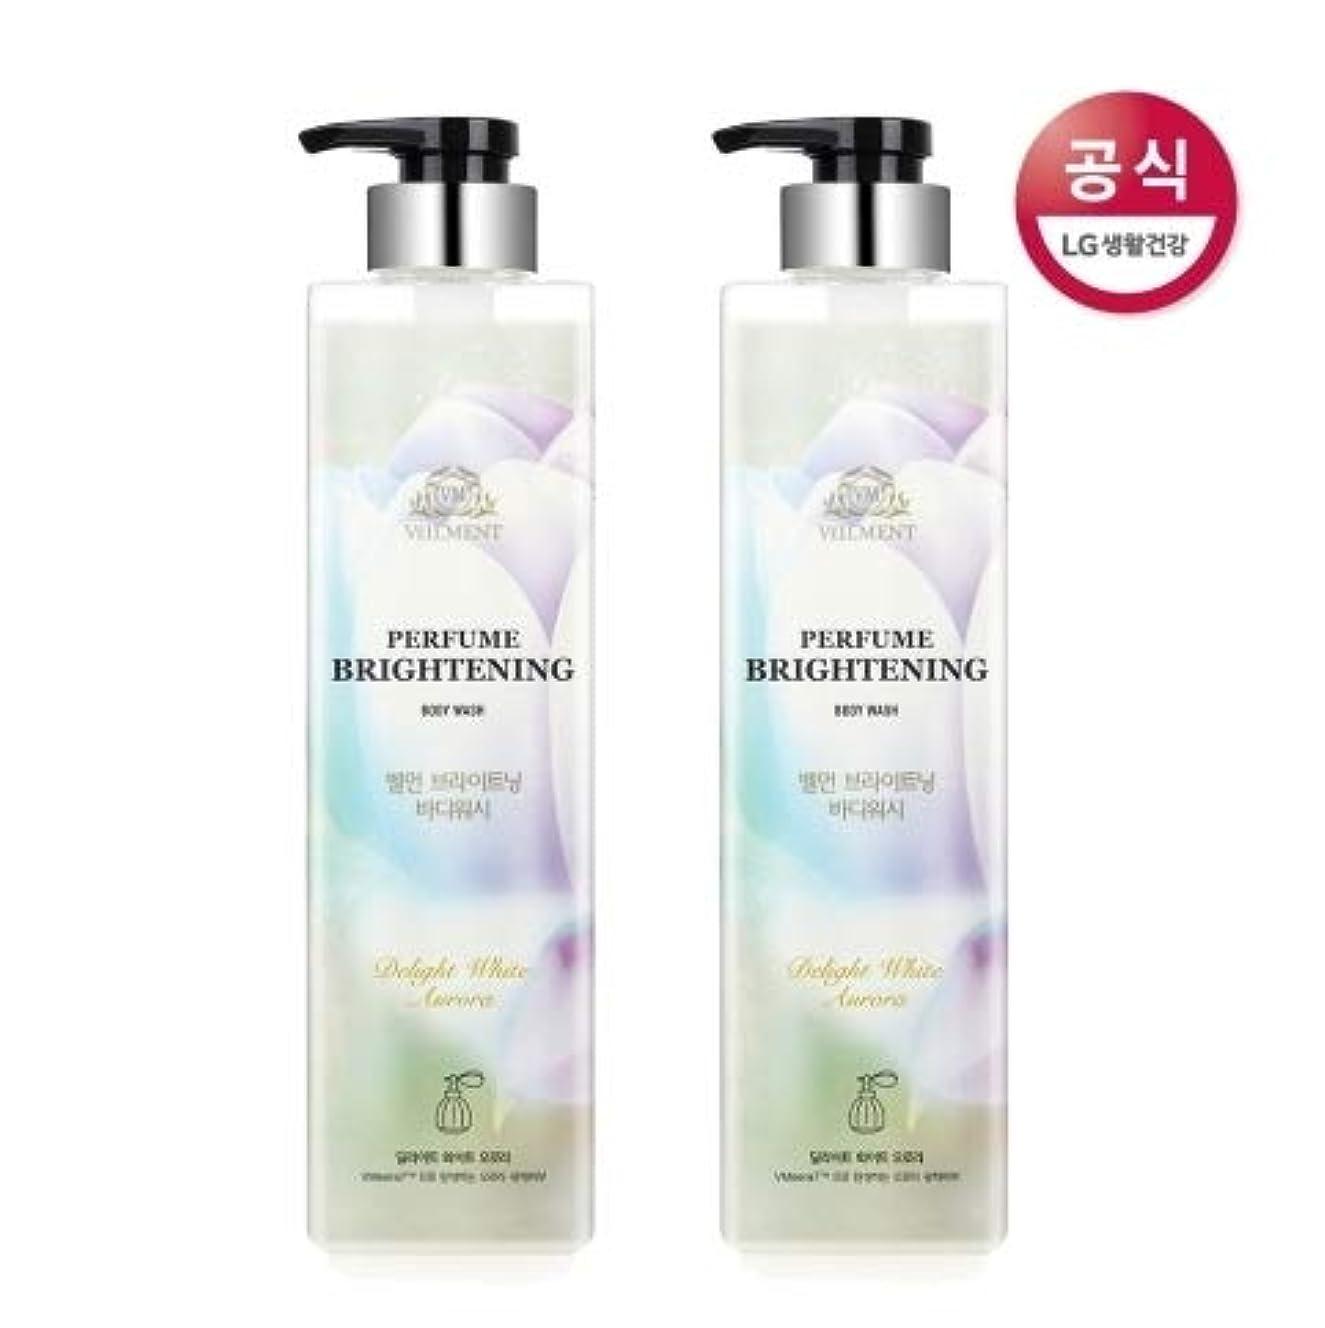 疲れた幽霊計画的[LG HnB] On the Body Belman Perfume Brightening Body Wash / オンザボディベルモンパフュームブライトニングボディウォッシュ680mlx2個(海外直送品)